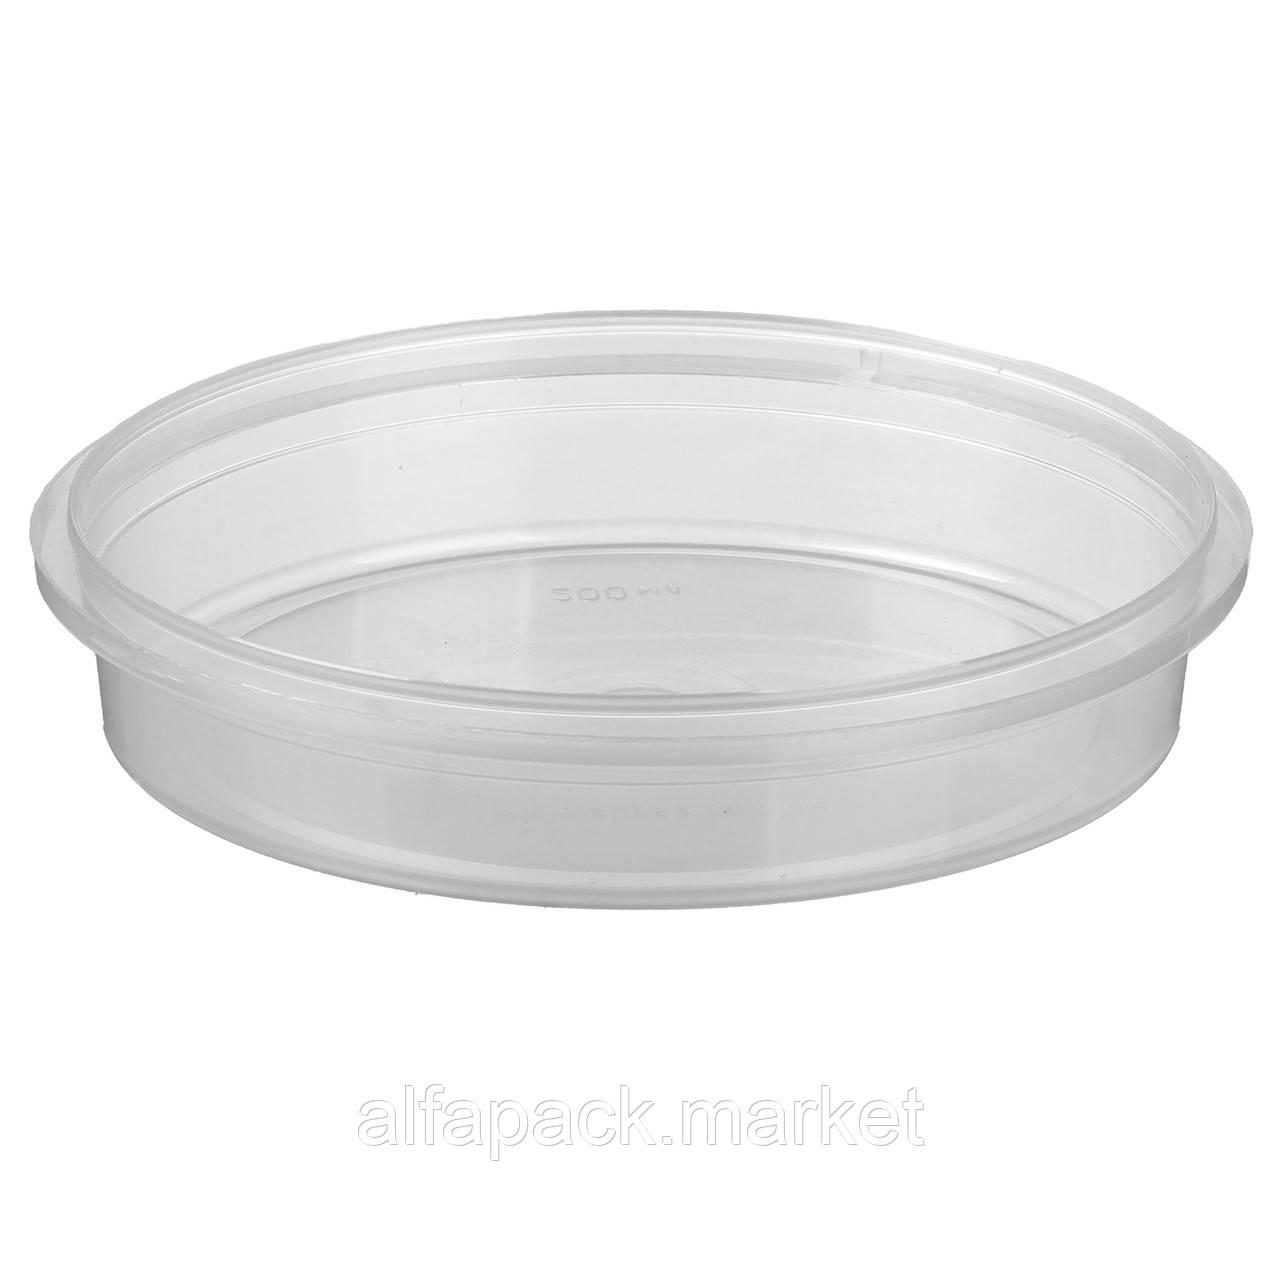 Судок 0,2 л. пластиковий для харчових продуктів 020000002